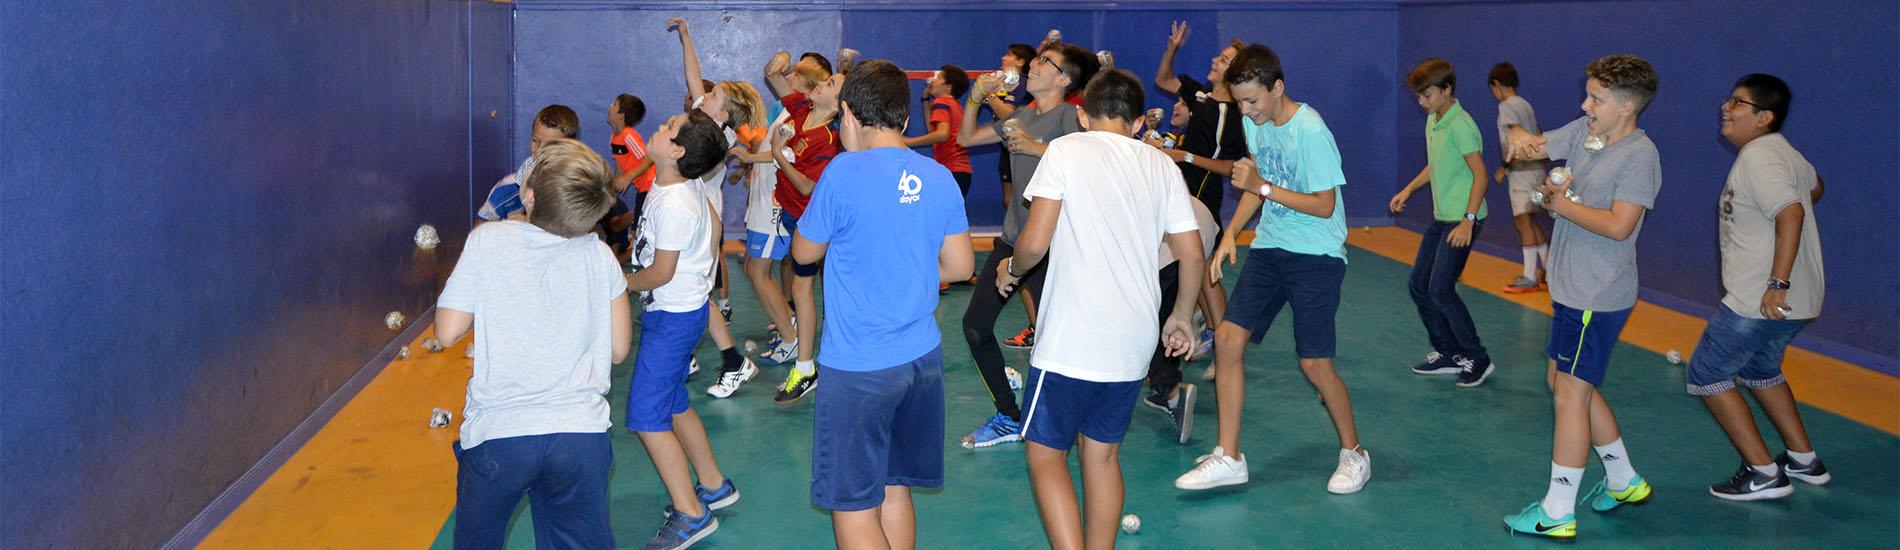 Gymkana inicio de curso